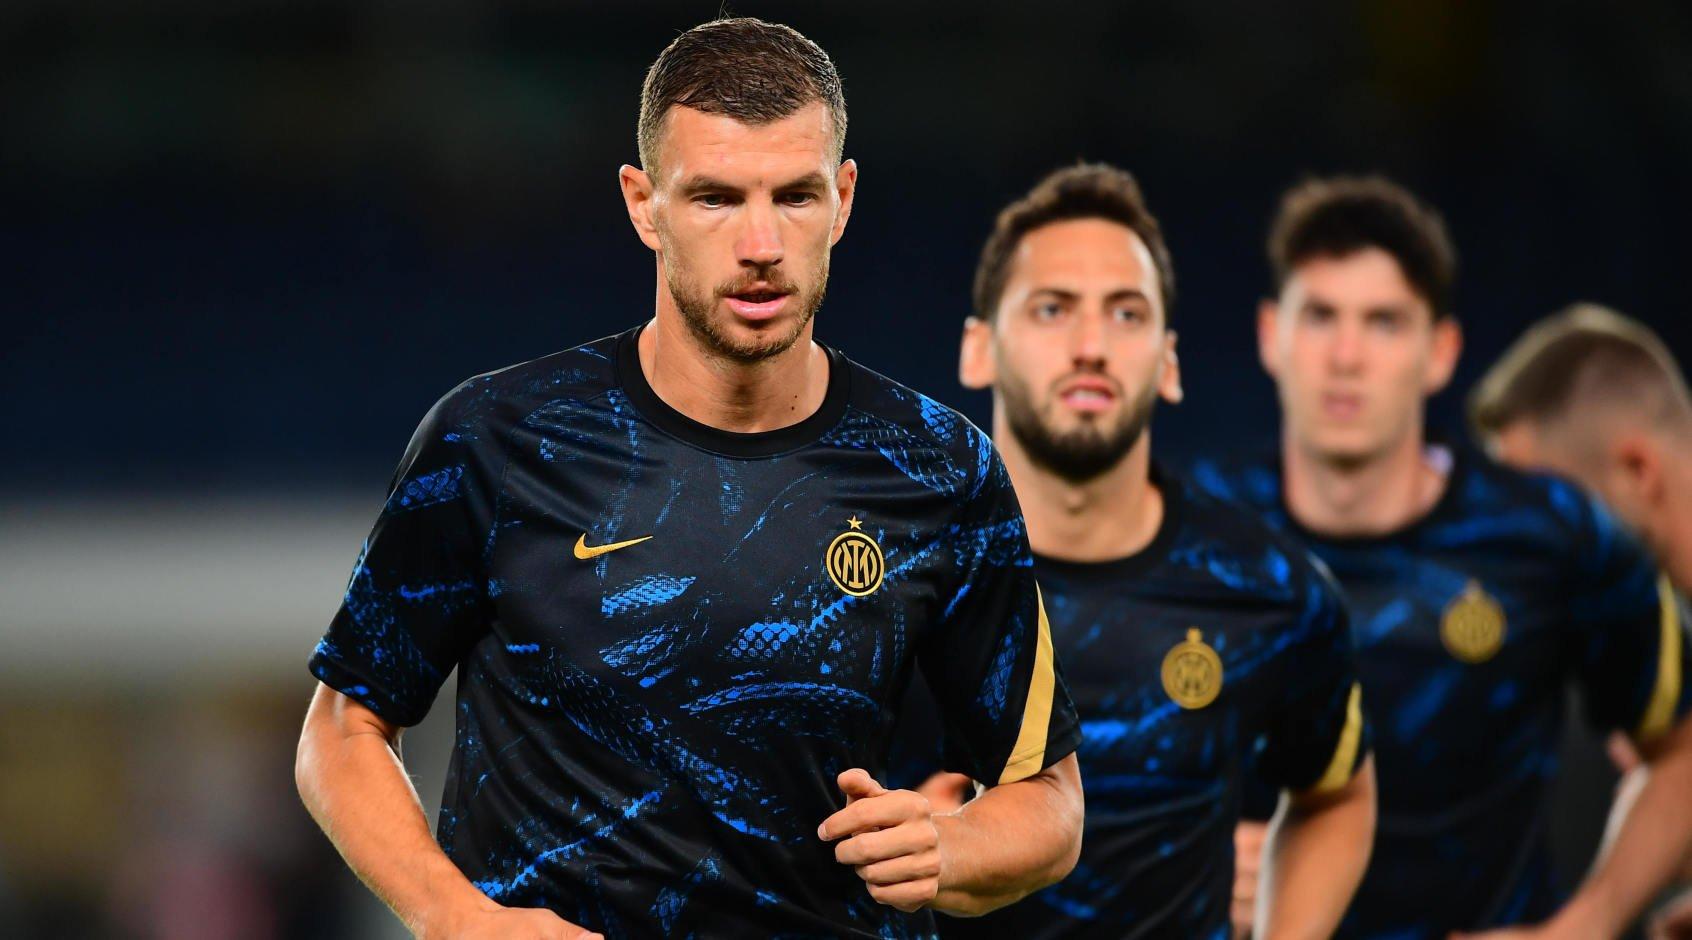 «Интер» — «Реал Мадрид»: прогнозы, ставки и коэффициенты. Игроки ждут ничейного исхода